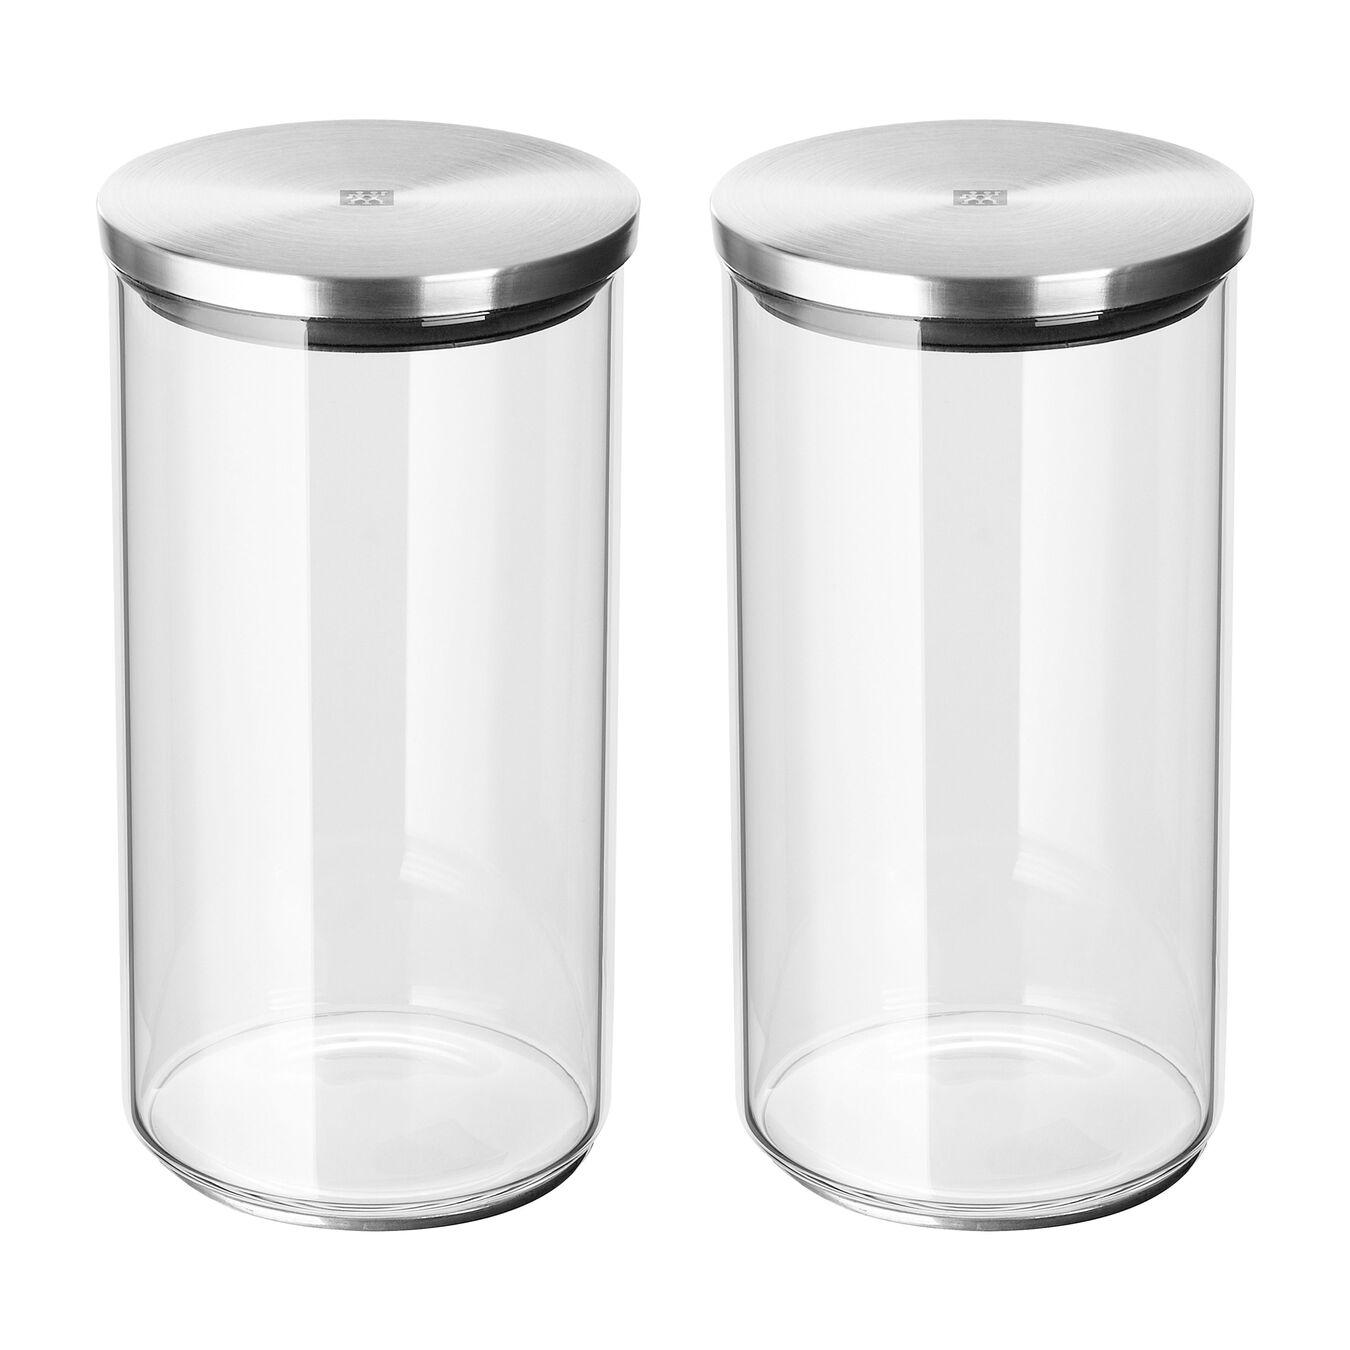 Aufbewahrungsgefäß, Borosilikatglas,,large 1